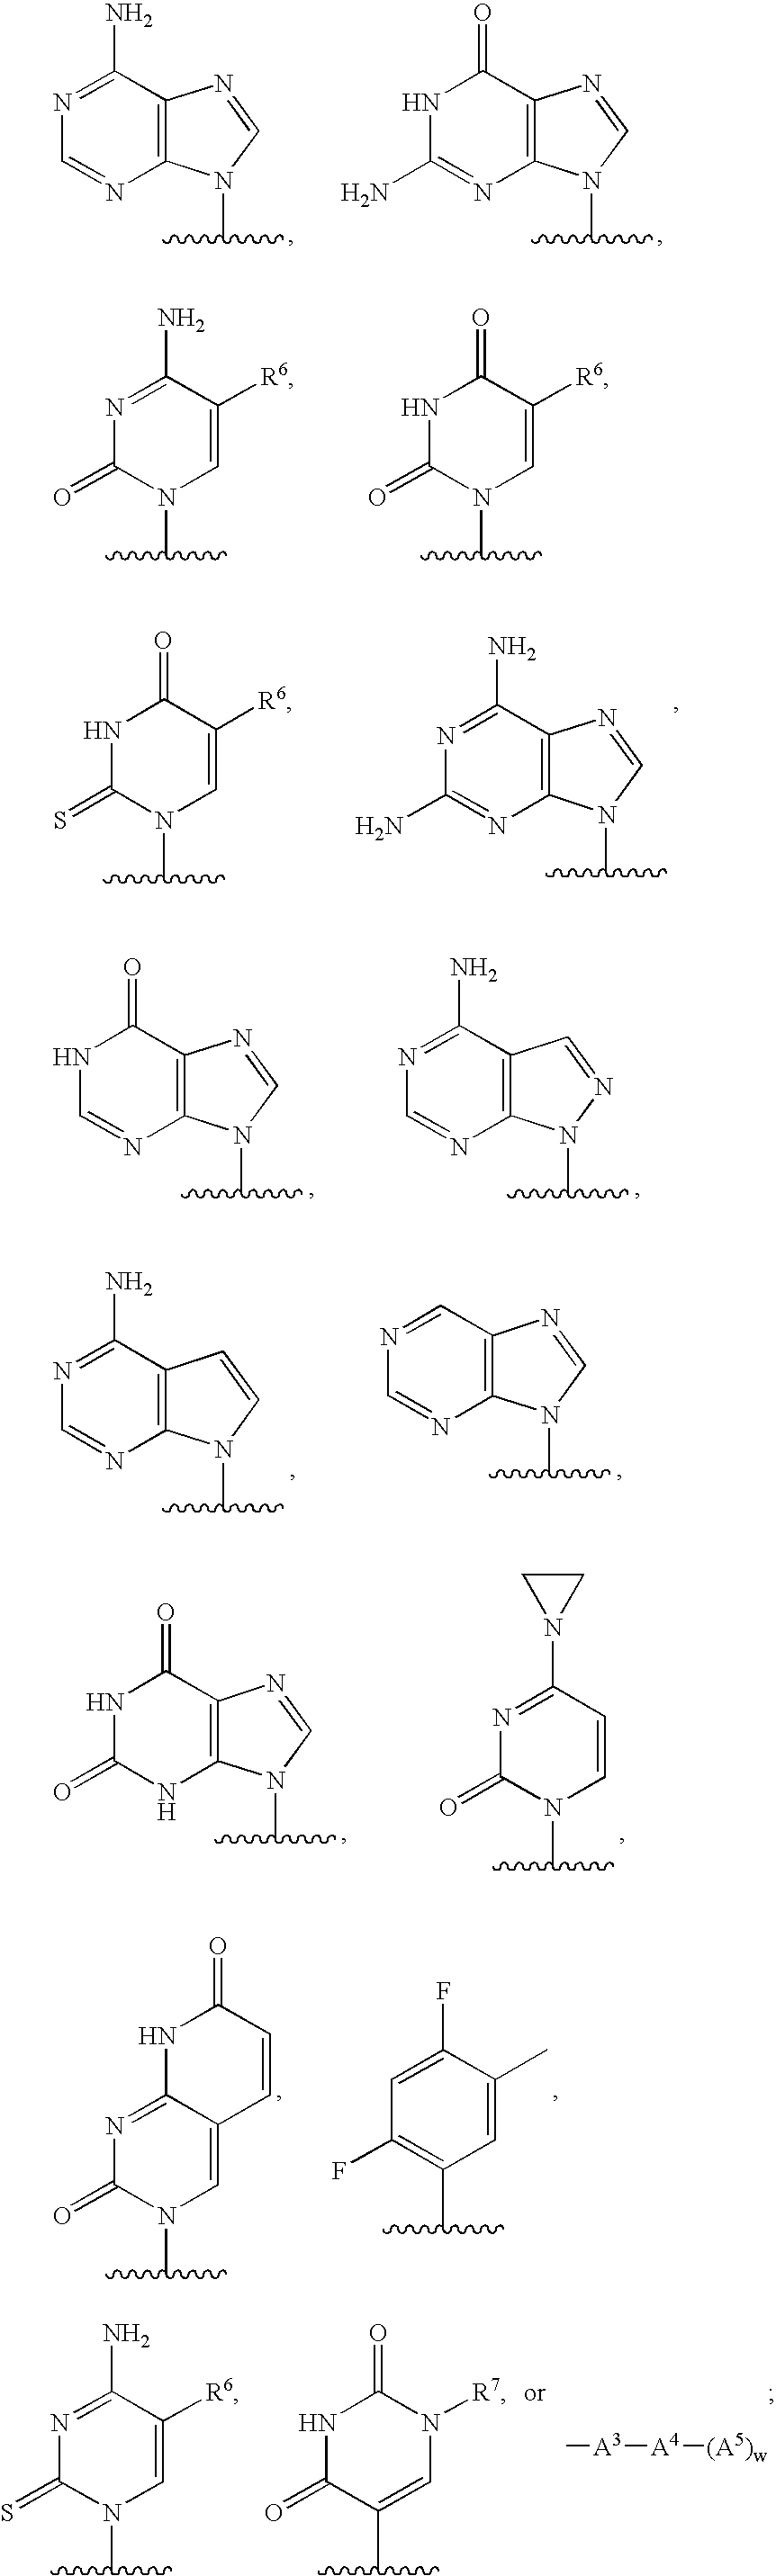 Figure US07674778-20100309-C00120